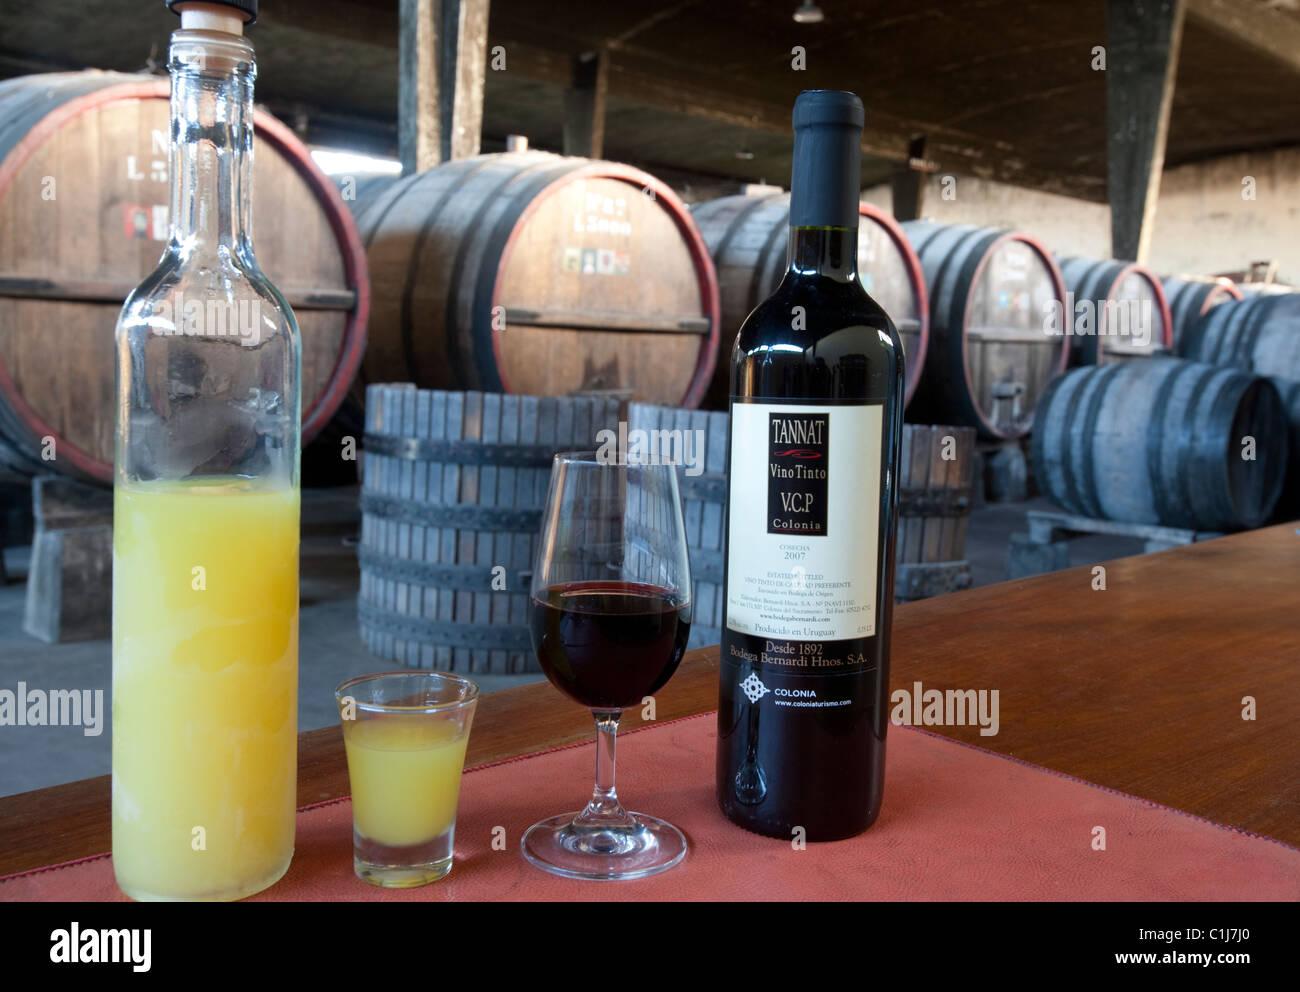 Il Limoncello alla Grappa & Tannat vino rosso, Bernadi Cantina, Colonia del Sacramento, Uruguay Sud America Immagini Stock